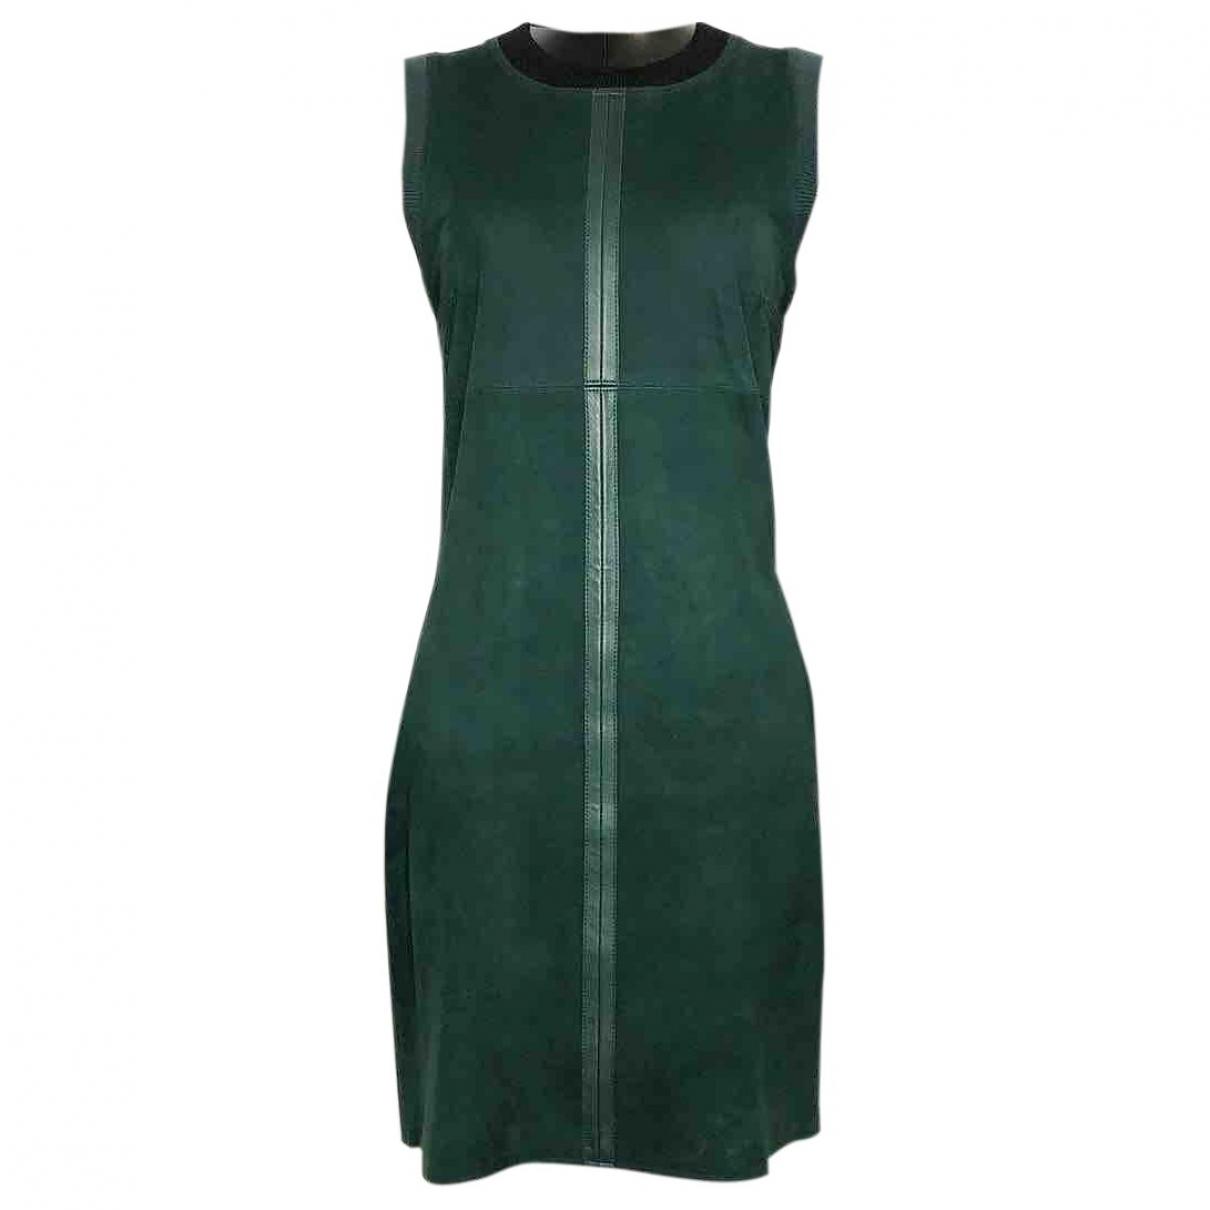 Alexander Wang \N Green Wool dress for Women M International